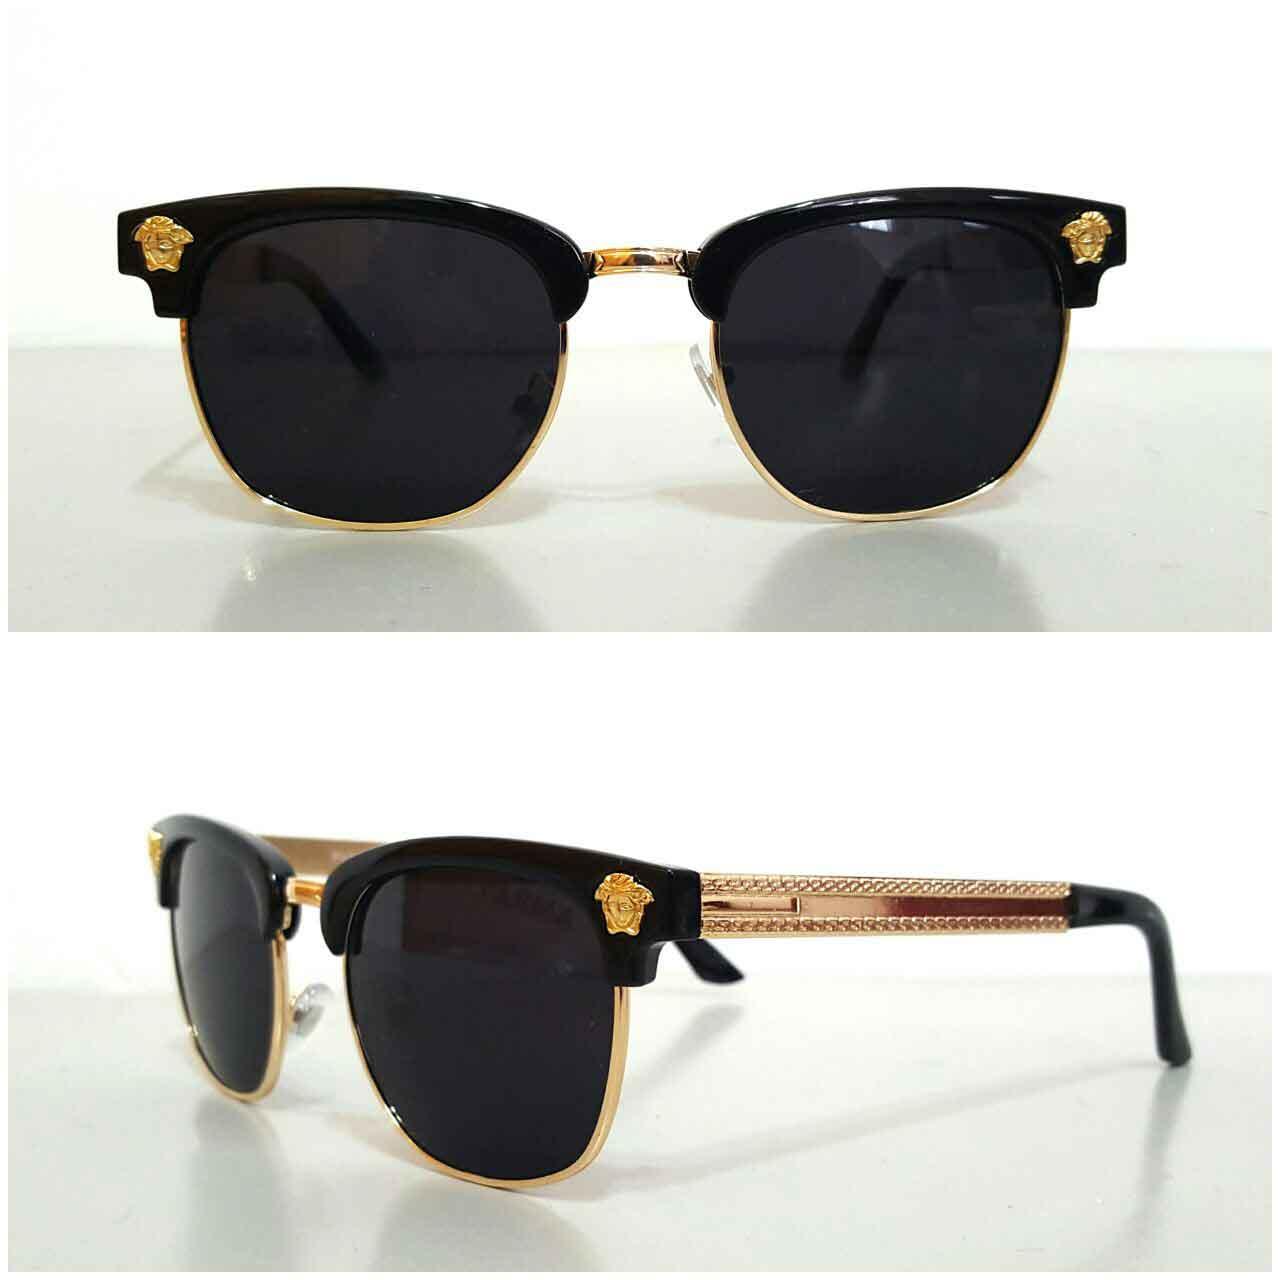 خرید عینک آفتابی 2015 مارک ورساچ